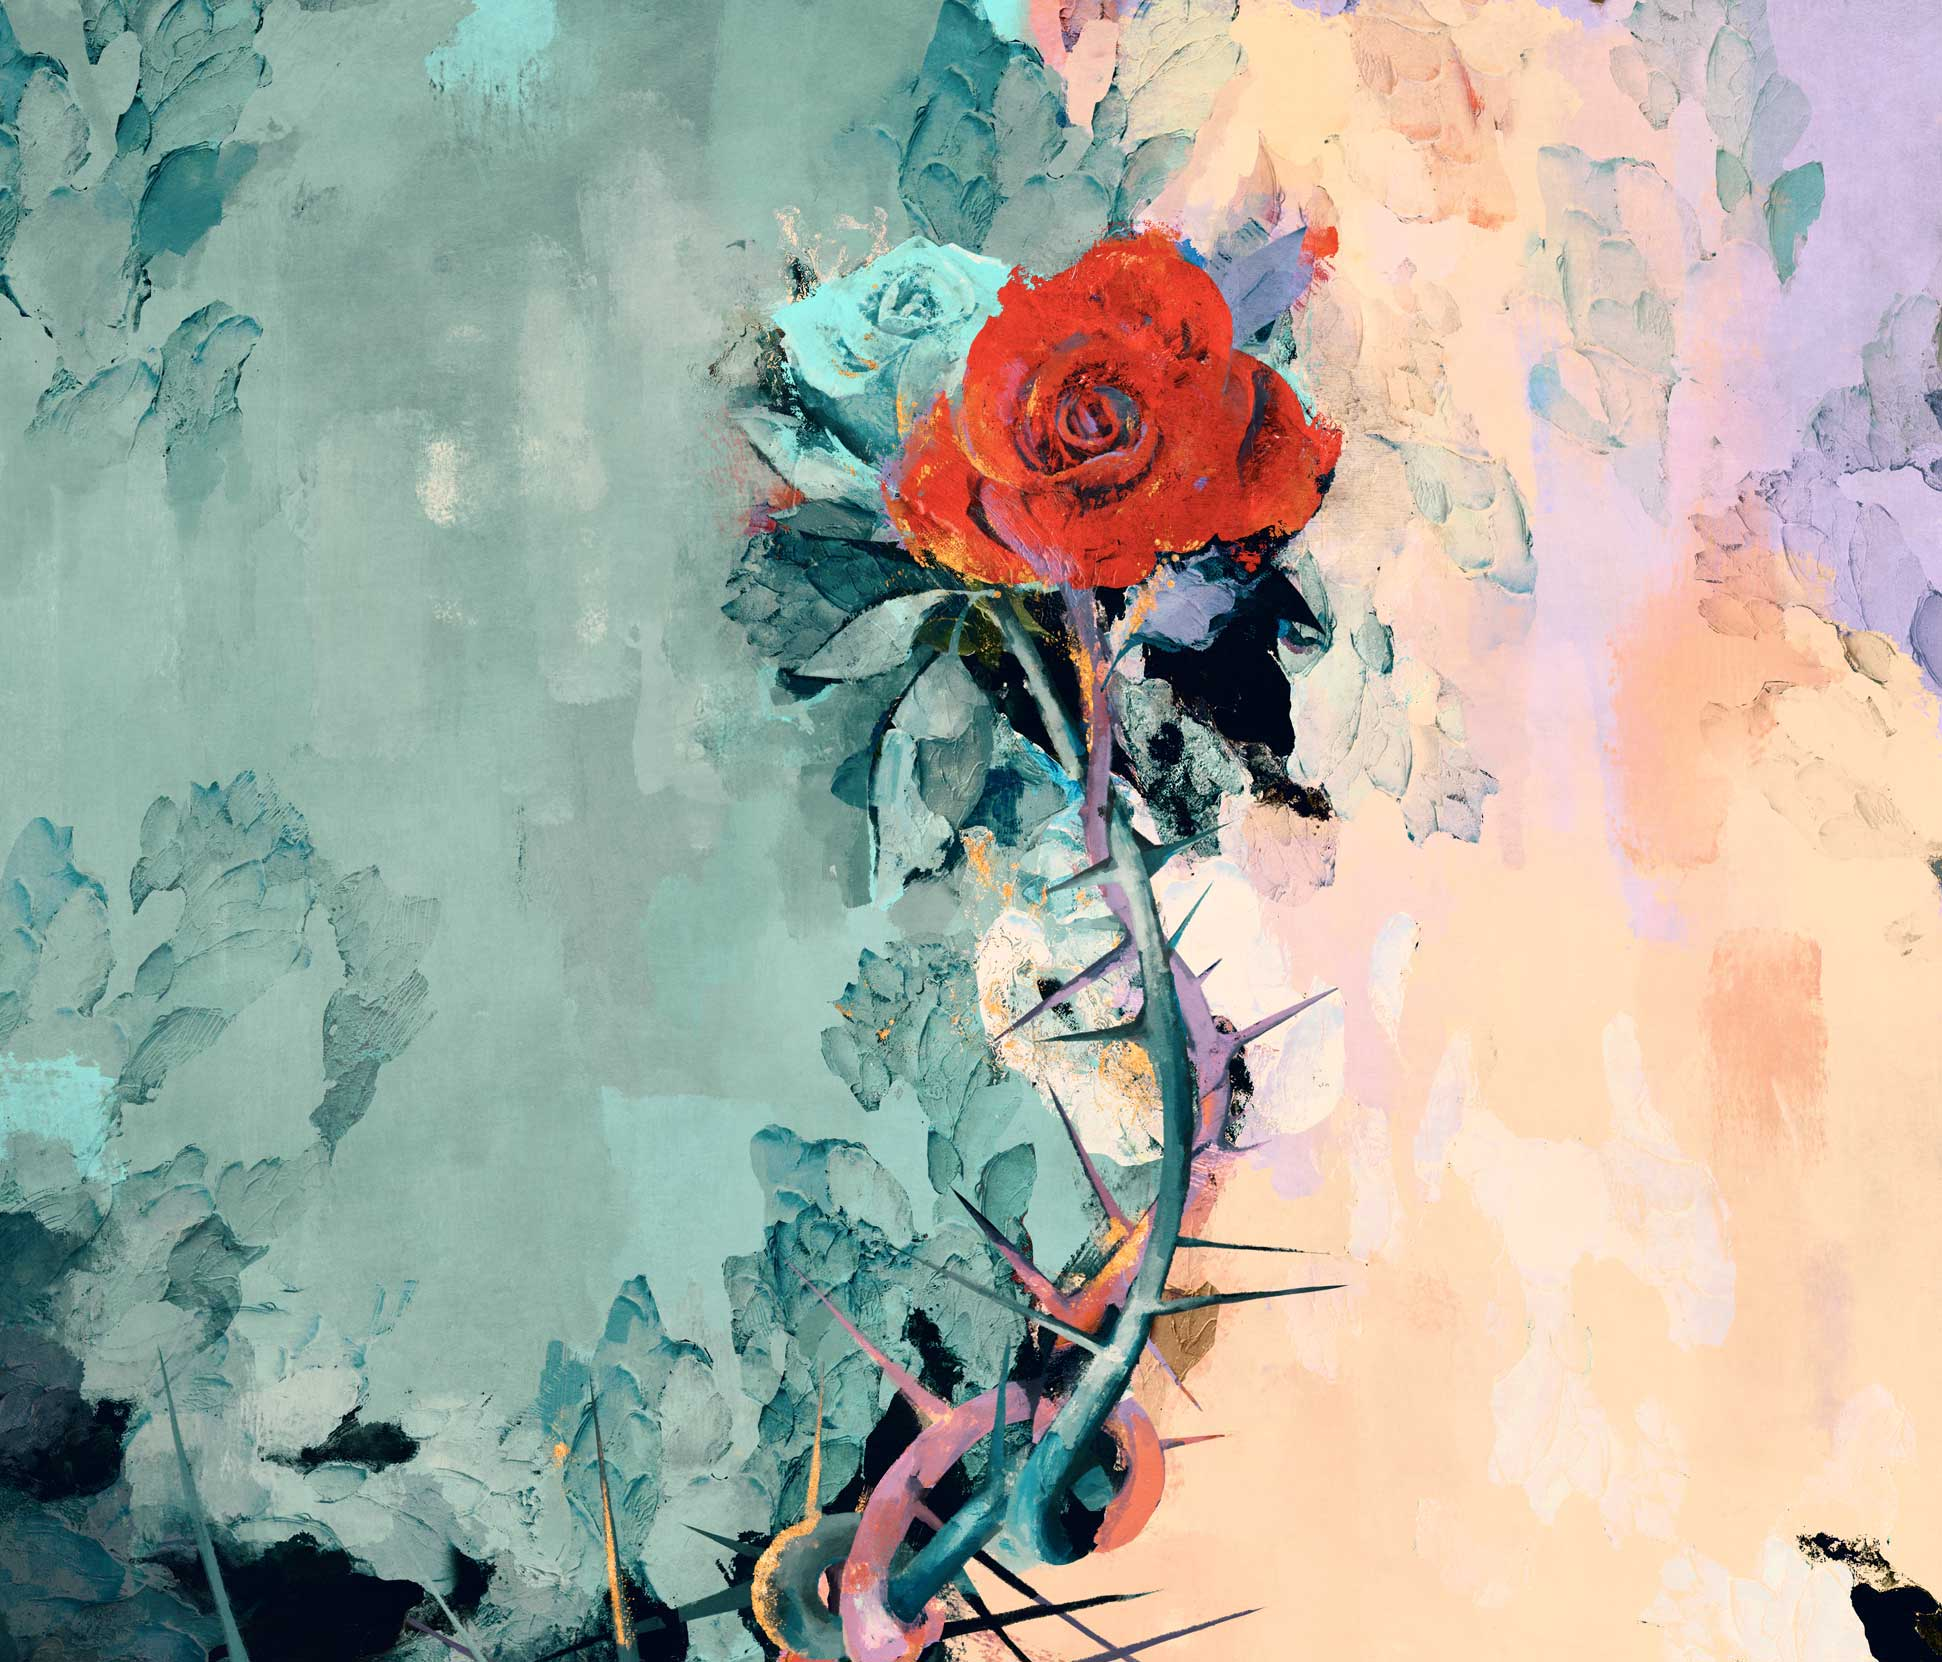 nycb_so_roses_Crop